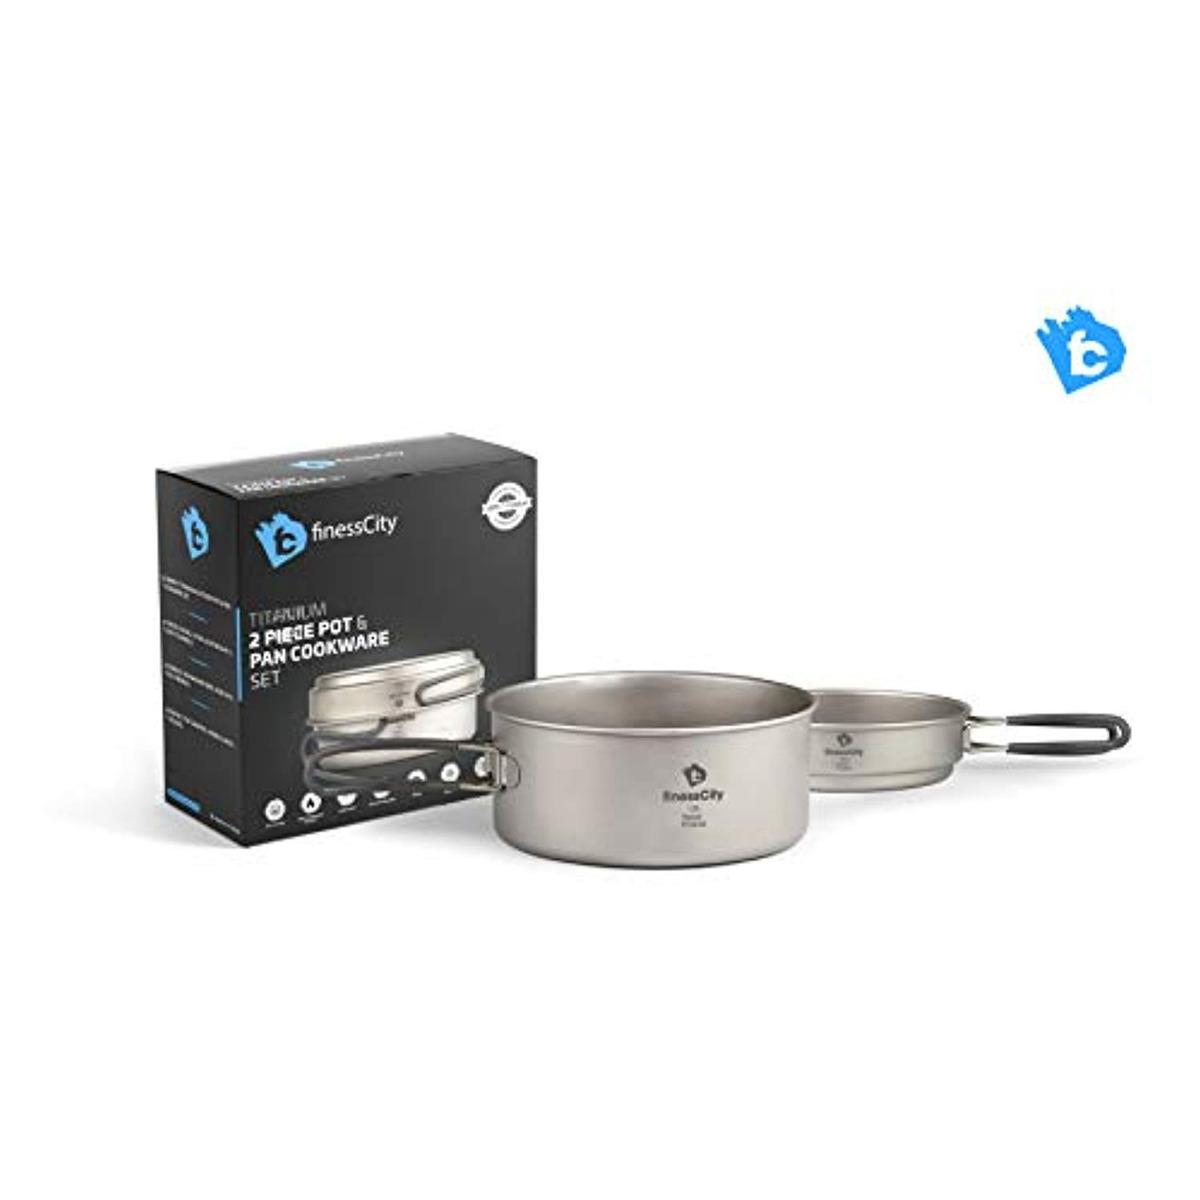 dd4ab187ea3 Juego De Utensilios Cocina Camping Titanio - $ 273.599 en Mercado Libre